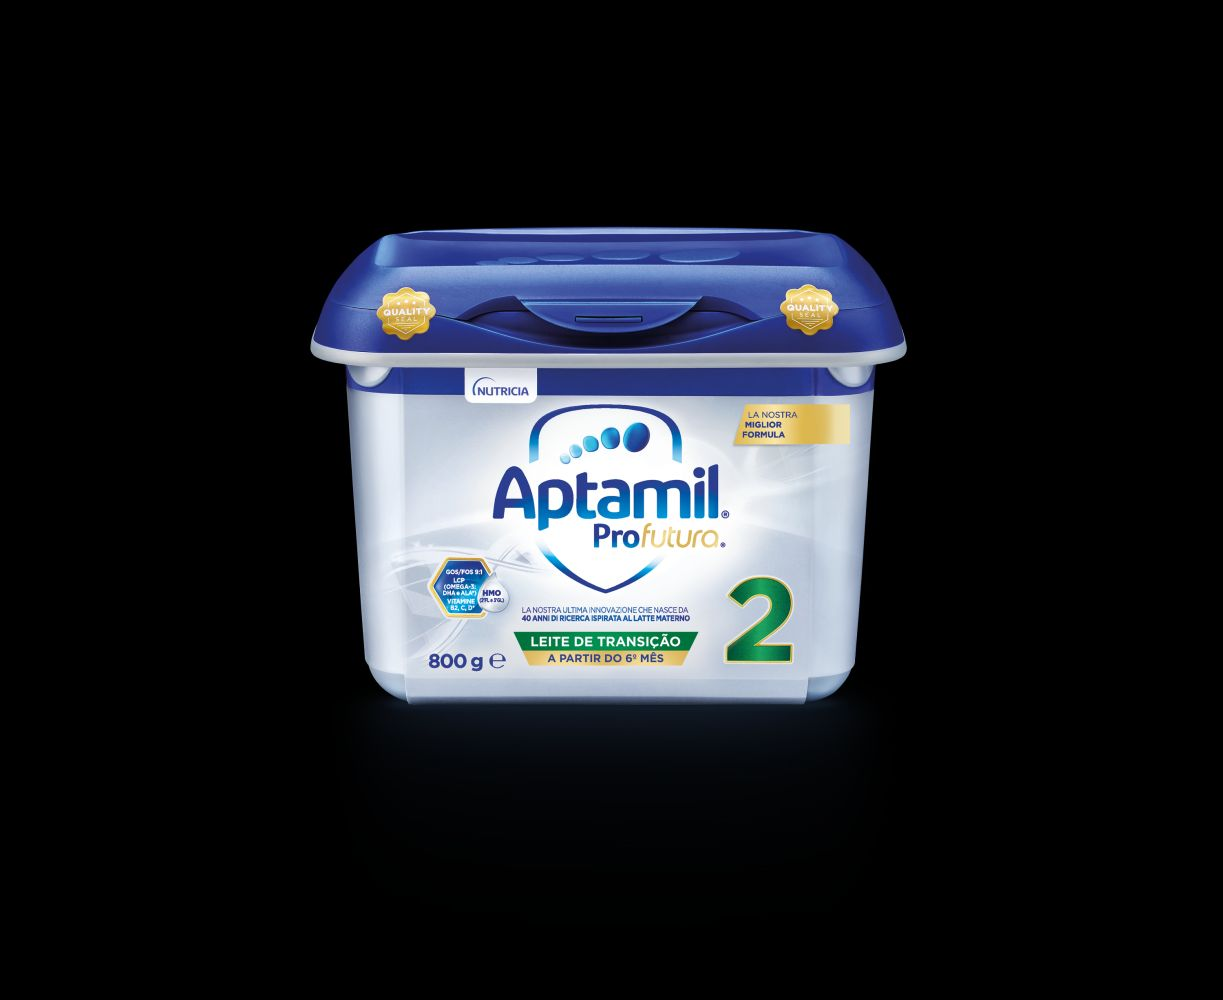 Aptamil-ProFutura2 PT